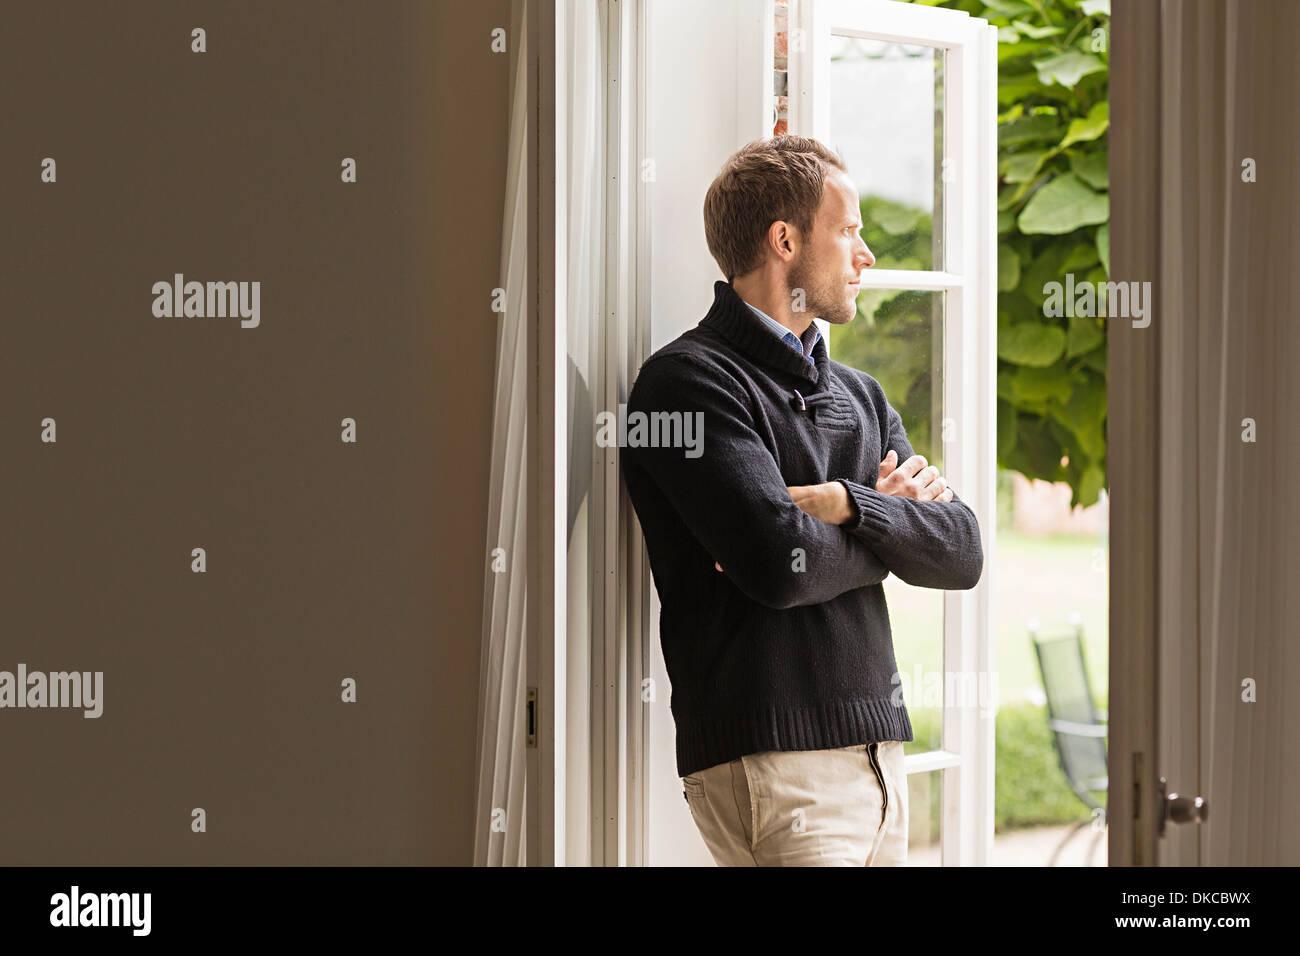 Metà uomo adulto guardando fuori della finestra, braccia incrociate Immagini Stock